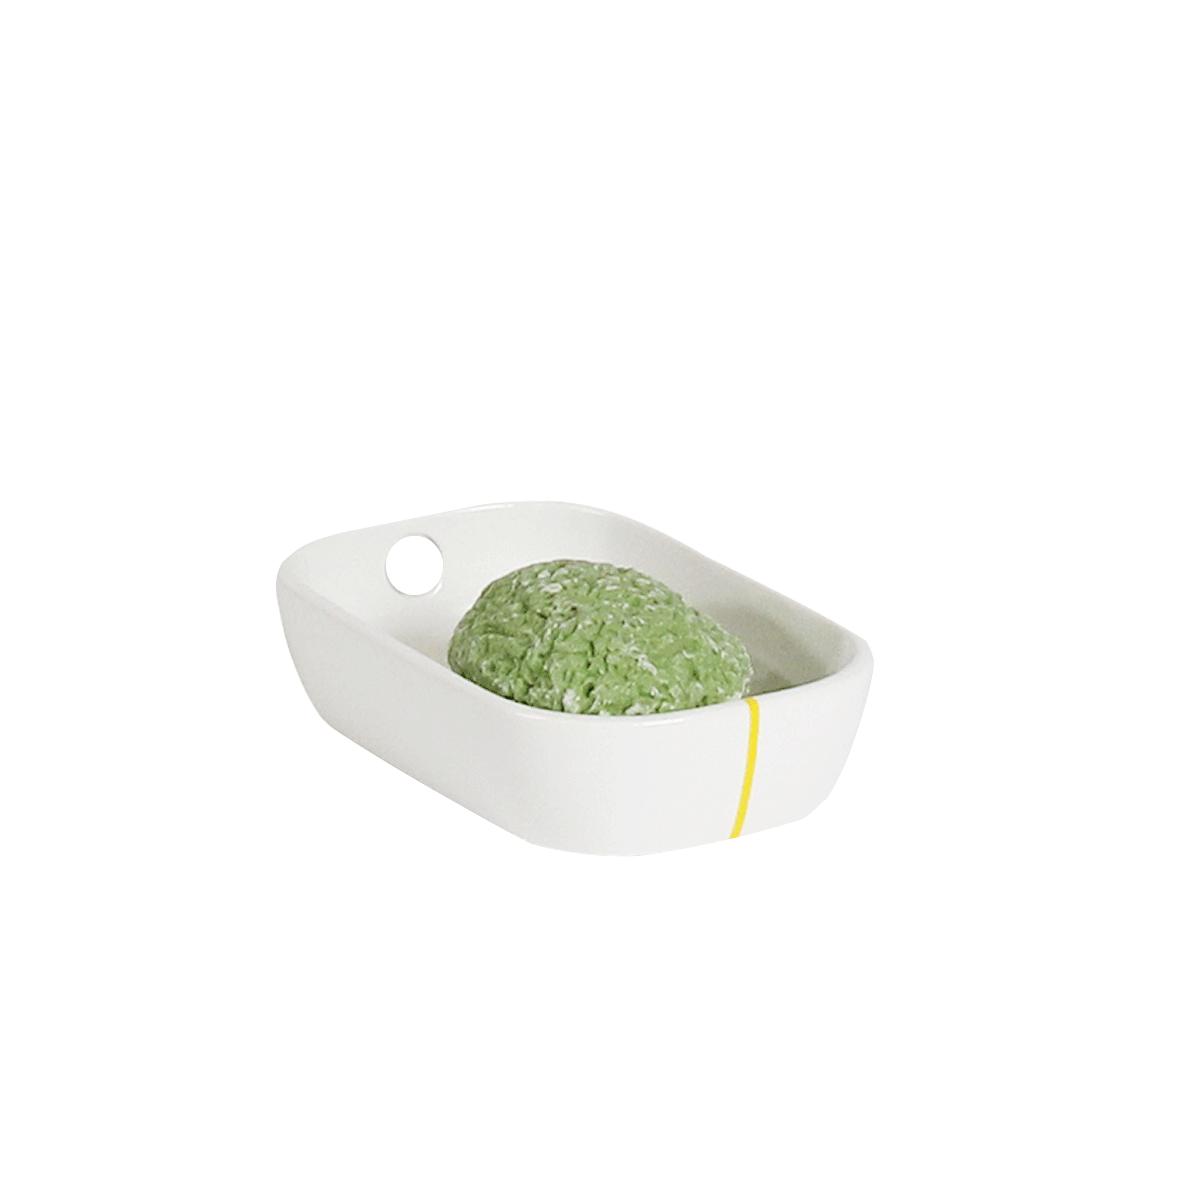 Etageres ceramiques blanche des id es novatrices sur la conception et le mobilier de maison for Etageres ceramiques blanche